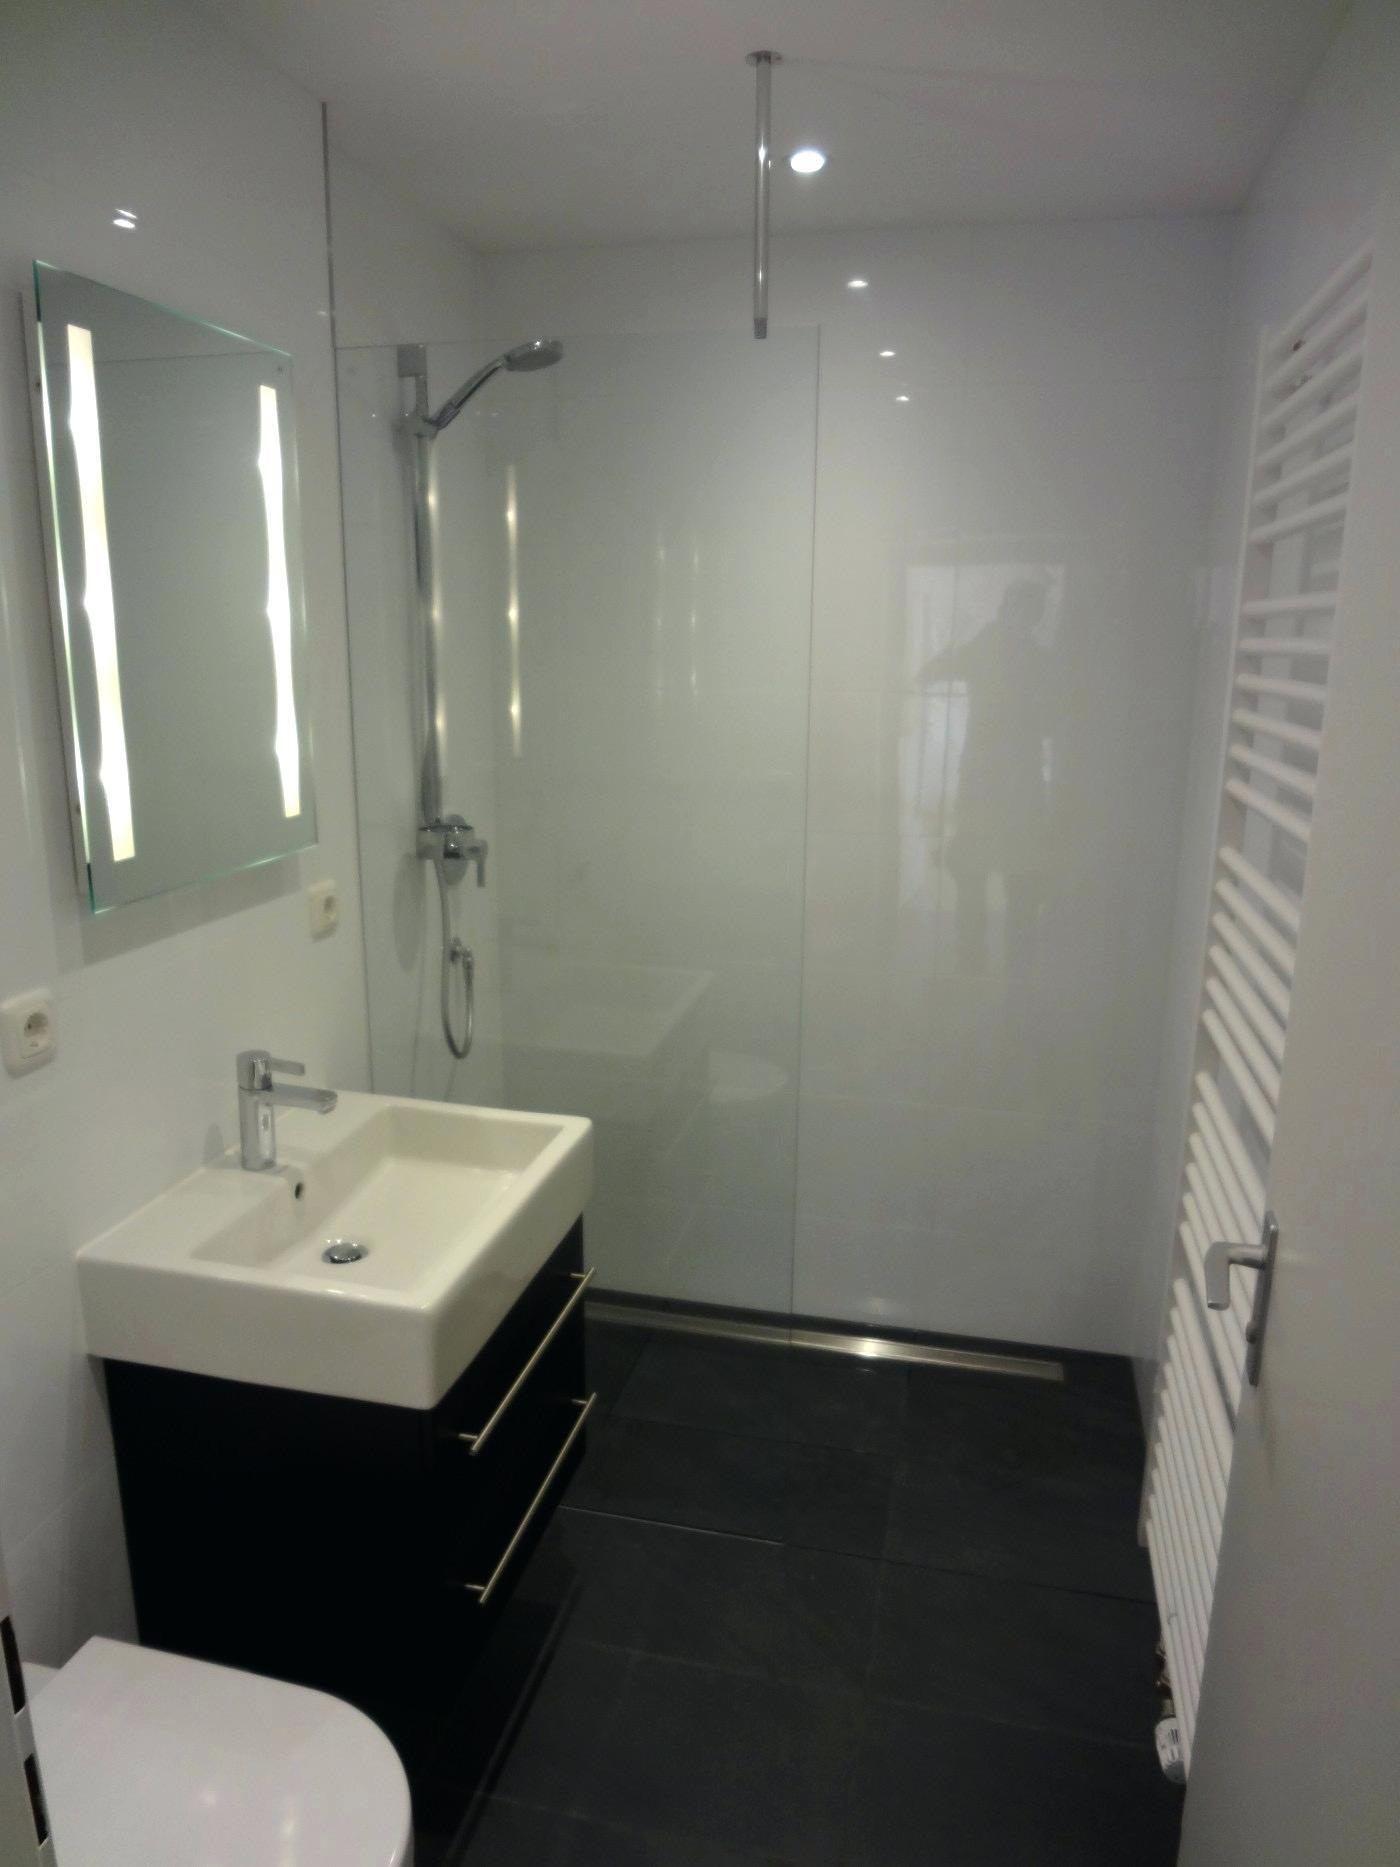 12 Badezimmer Beleuchtung Decke Led Bad Beleuchtung Decke Beste Von Eintagamsee Badezimmer Gestalten Badezimmer Badezimmer Neu Gestalten